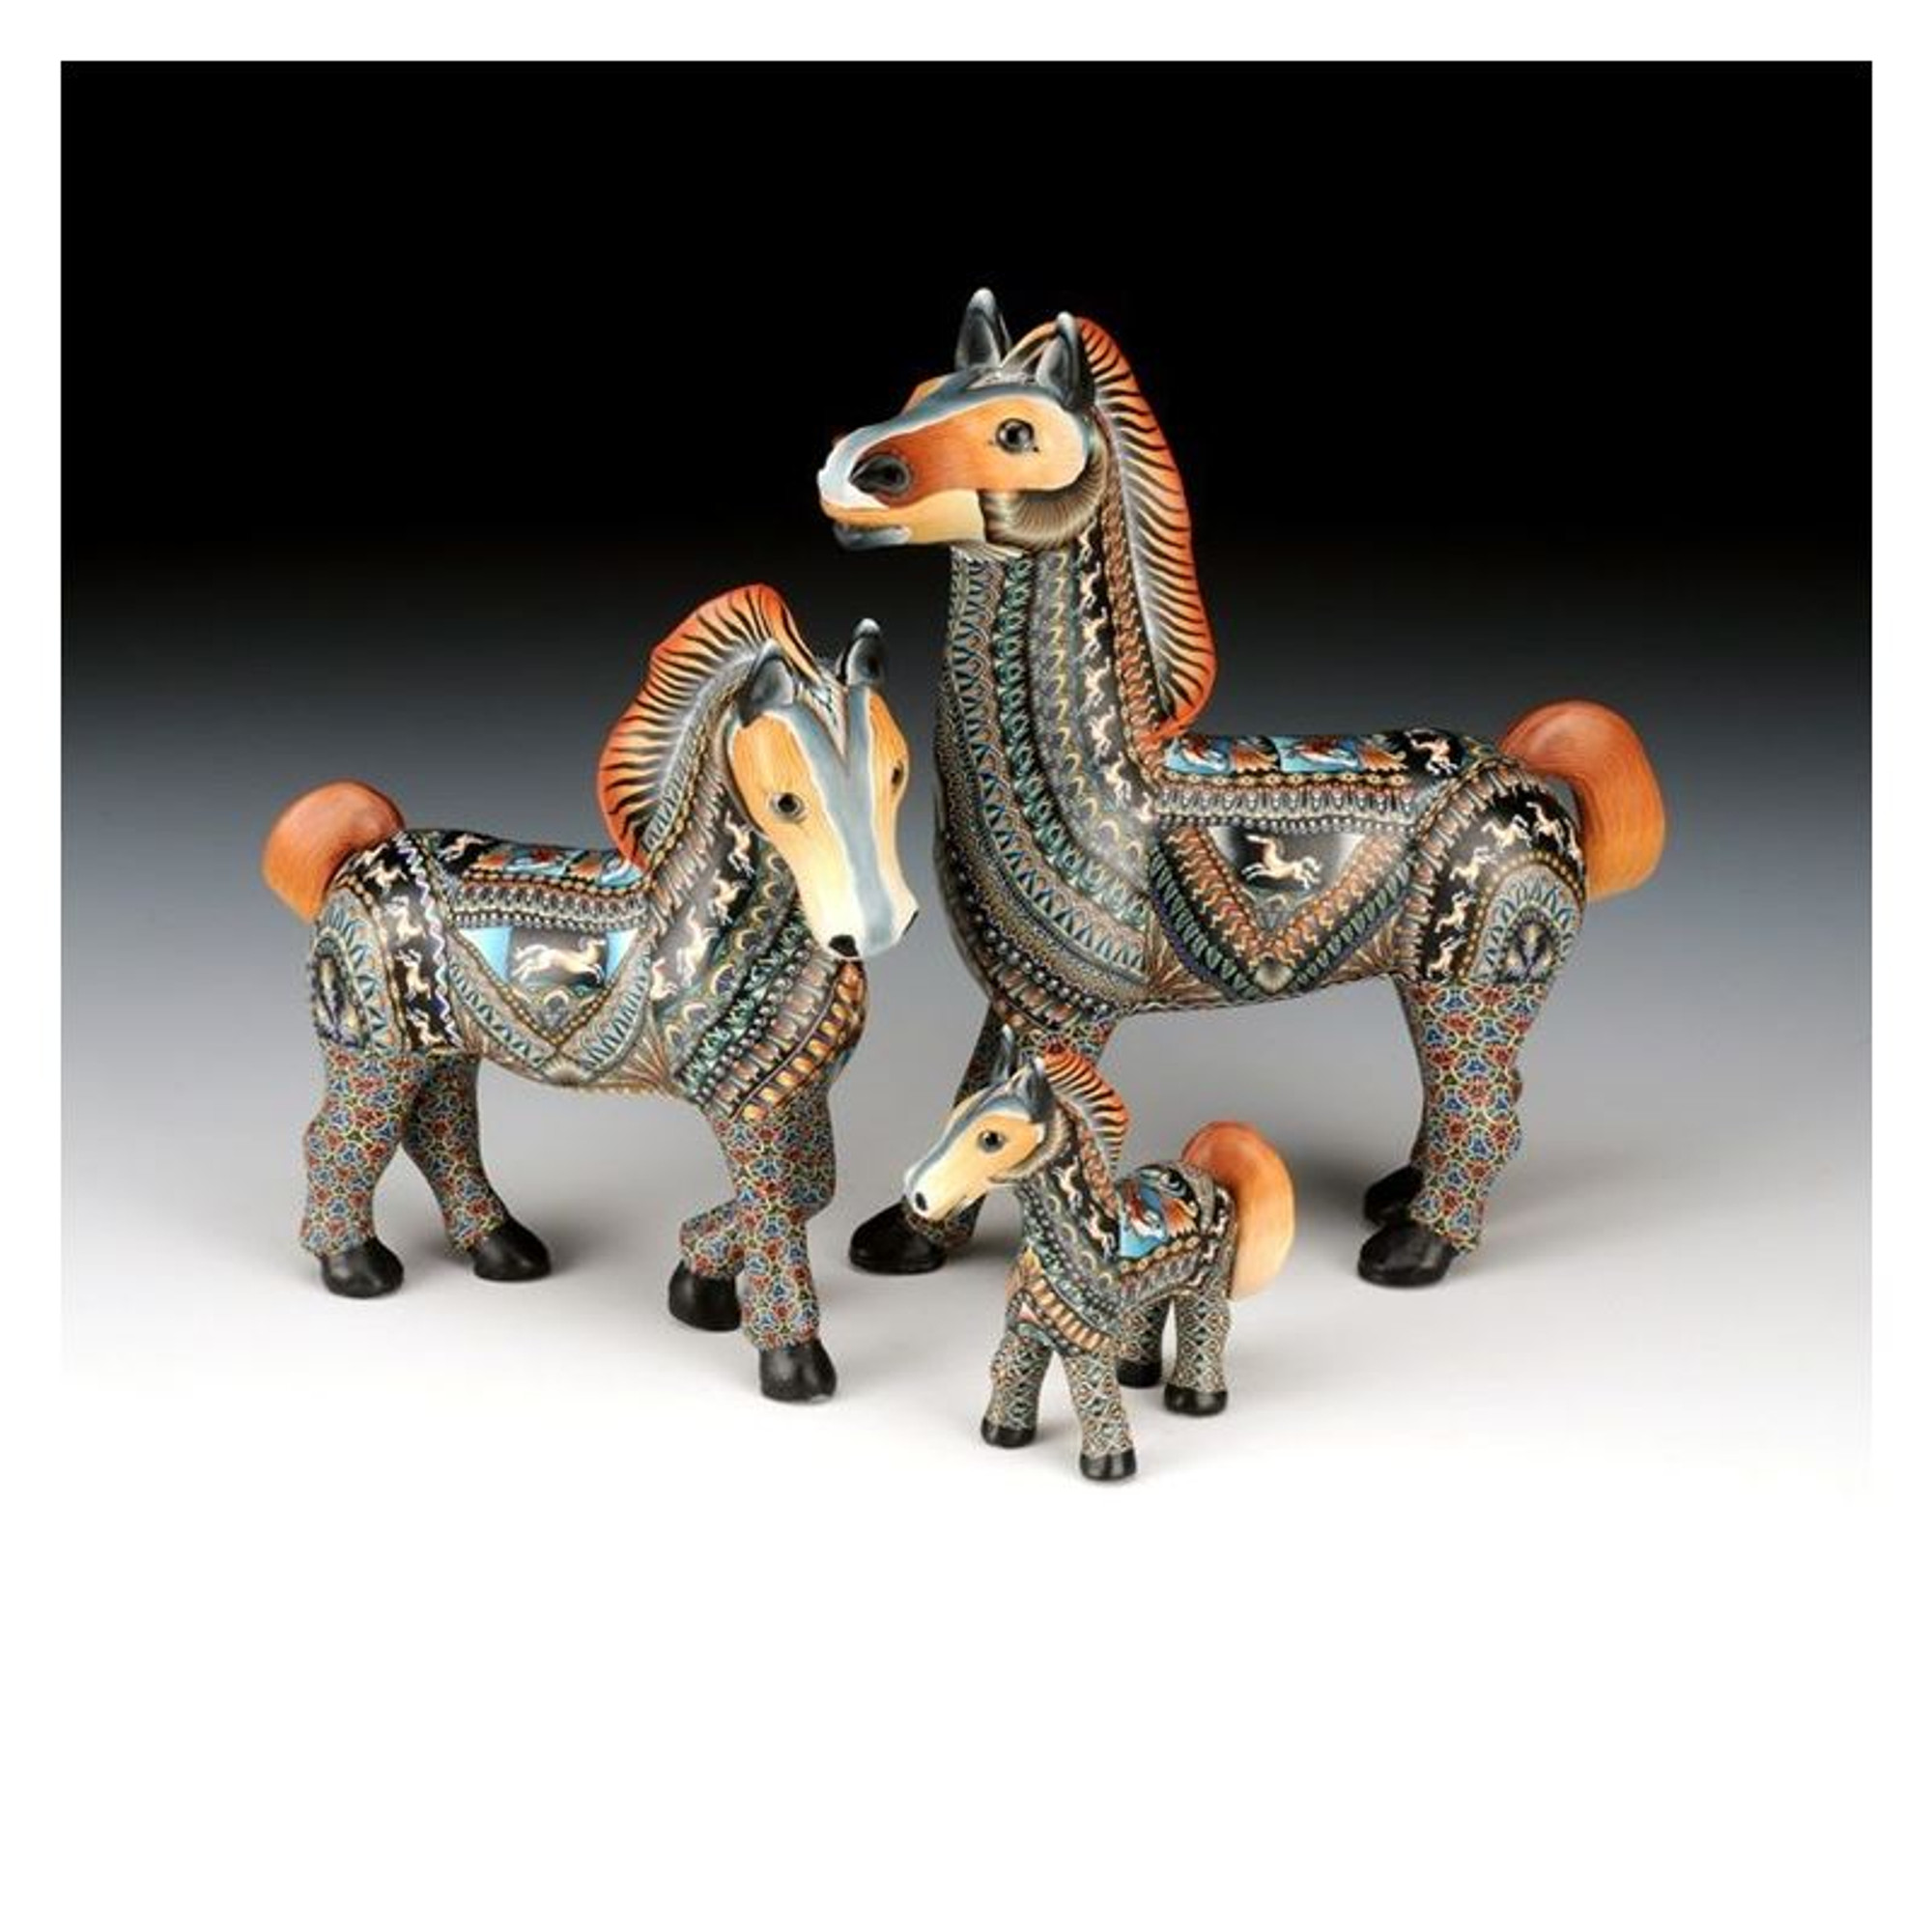 Horse Baby Figurine